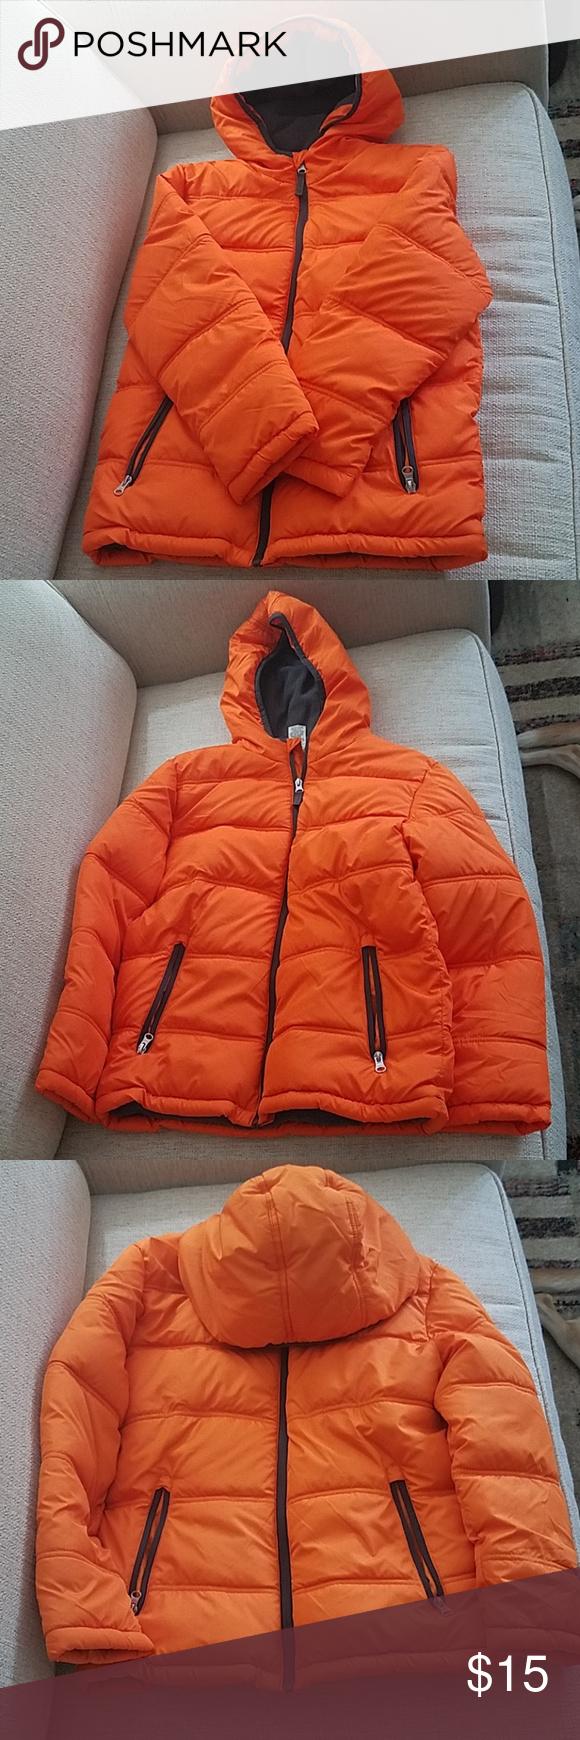 Boys Neon Orange Winter Jacket Winter Jackets Jackets Neon Orange [ 1740 x 580 Pixel ]